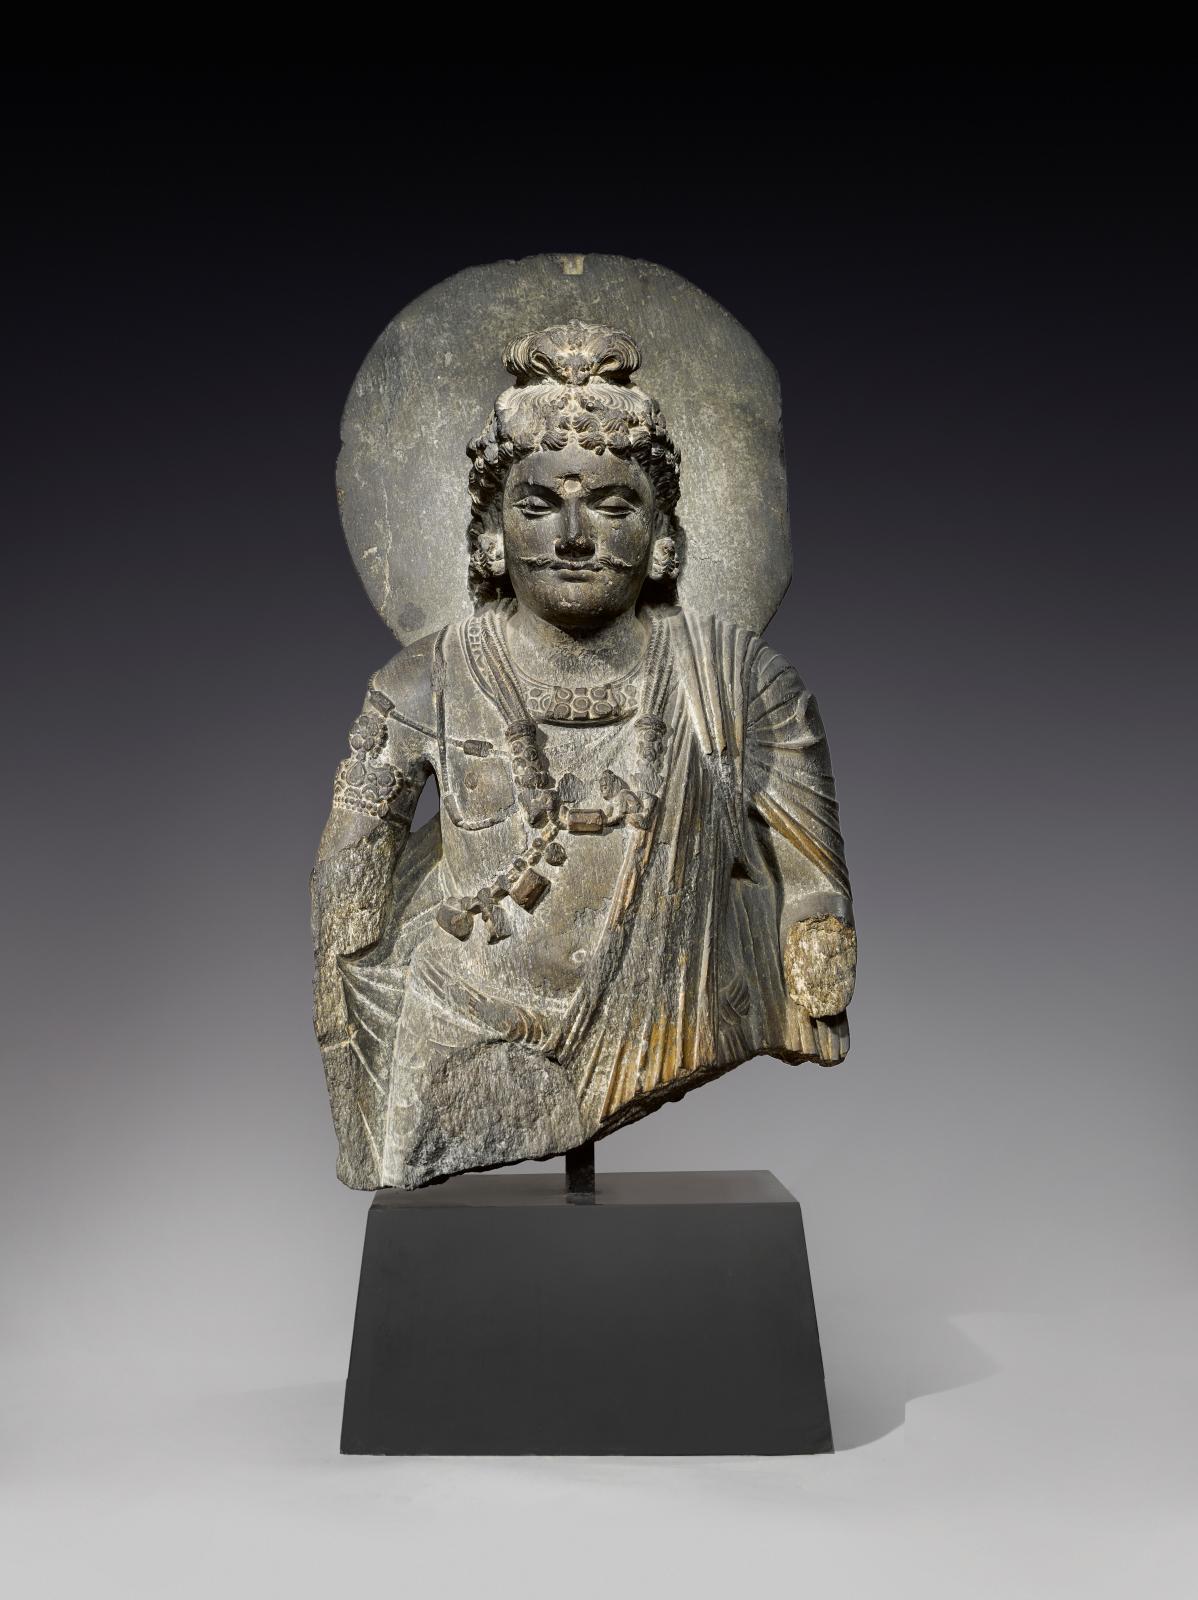 Gandhara, 2nd-3rd century, bodhisattva in schist, h. 67 cm.Christophe Hioco gallery, Paris.